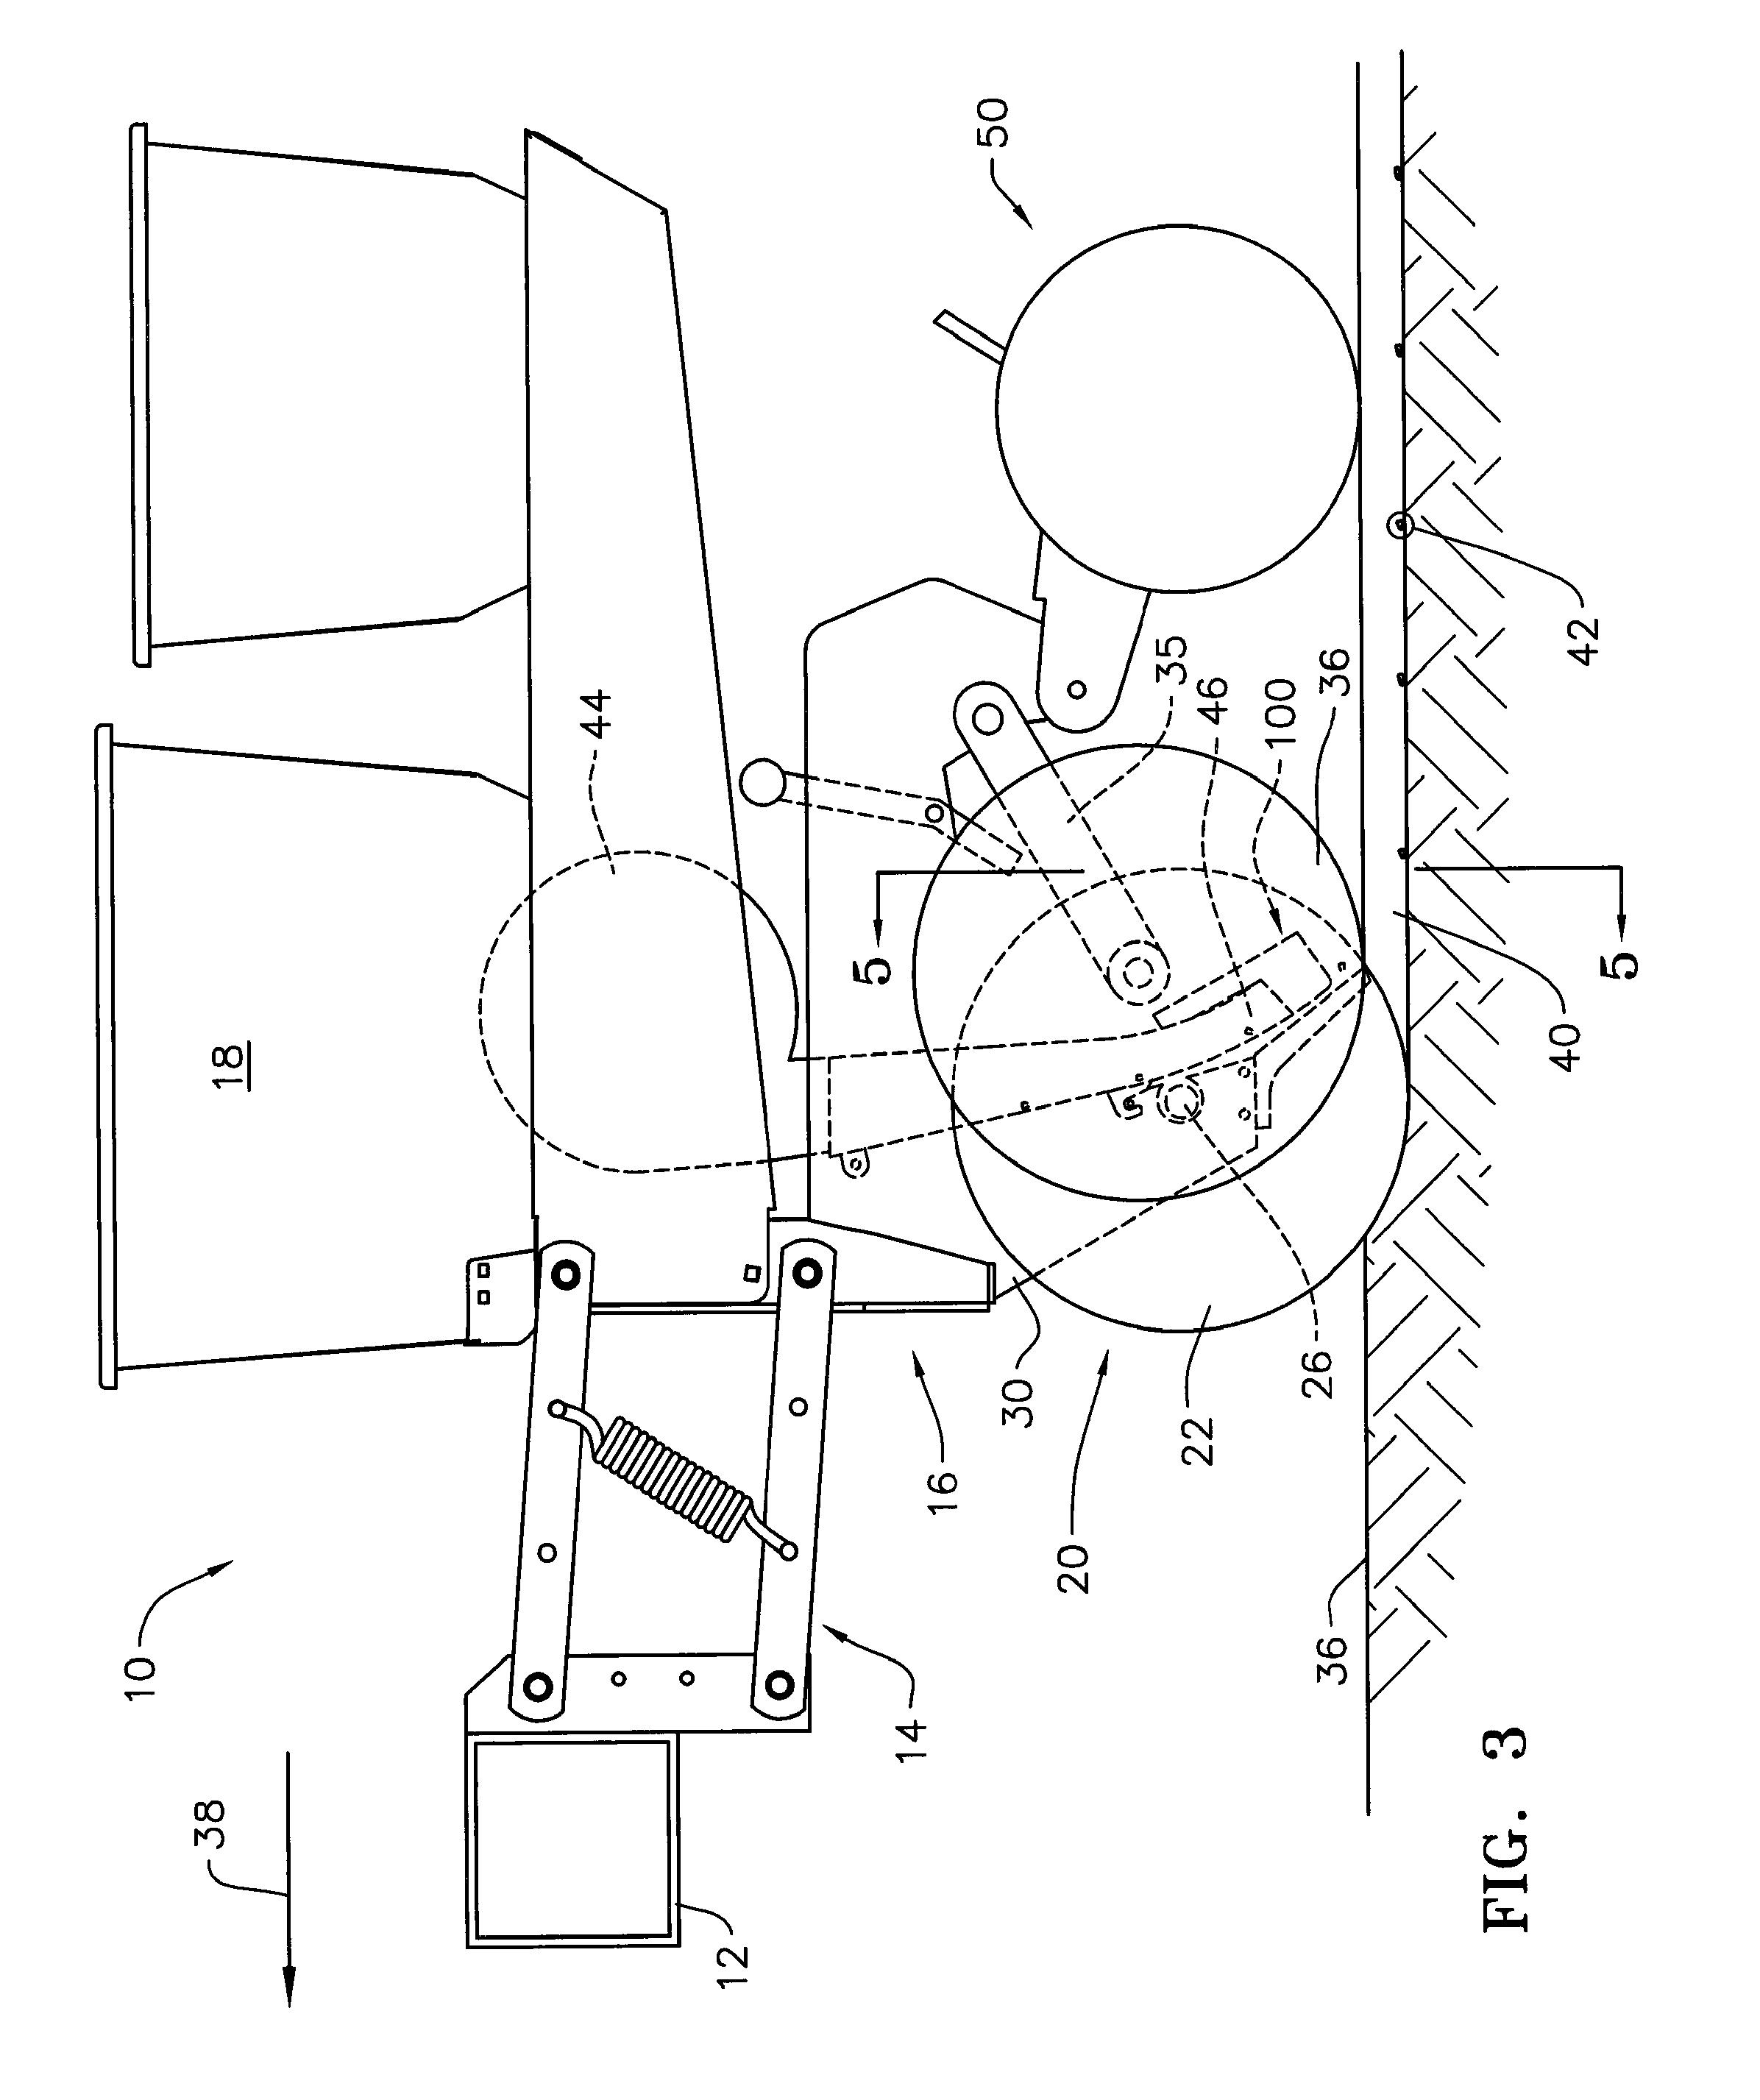 patent us8631749